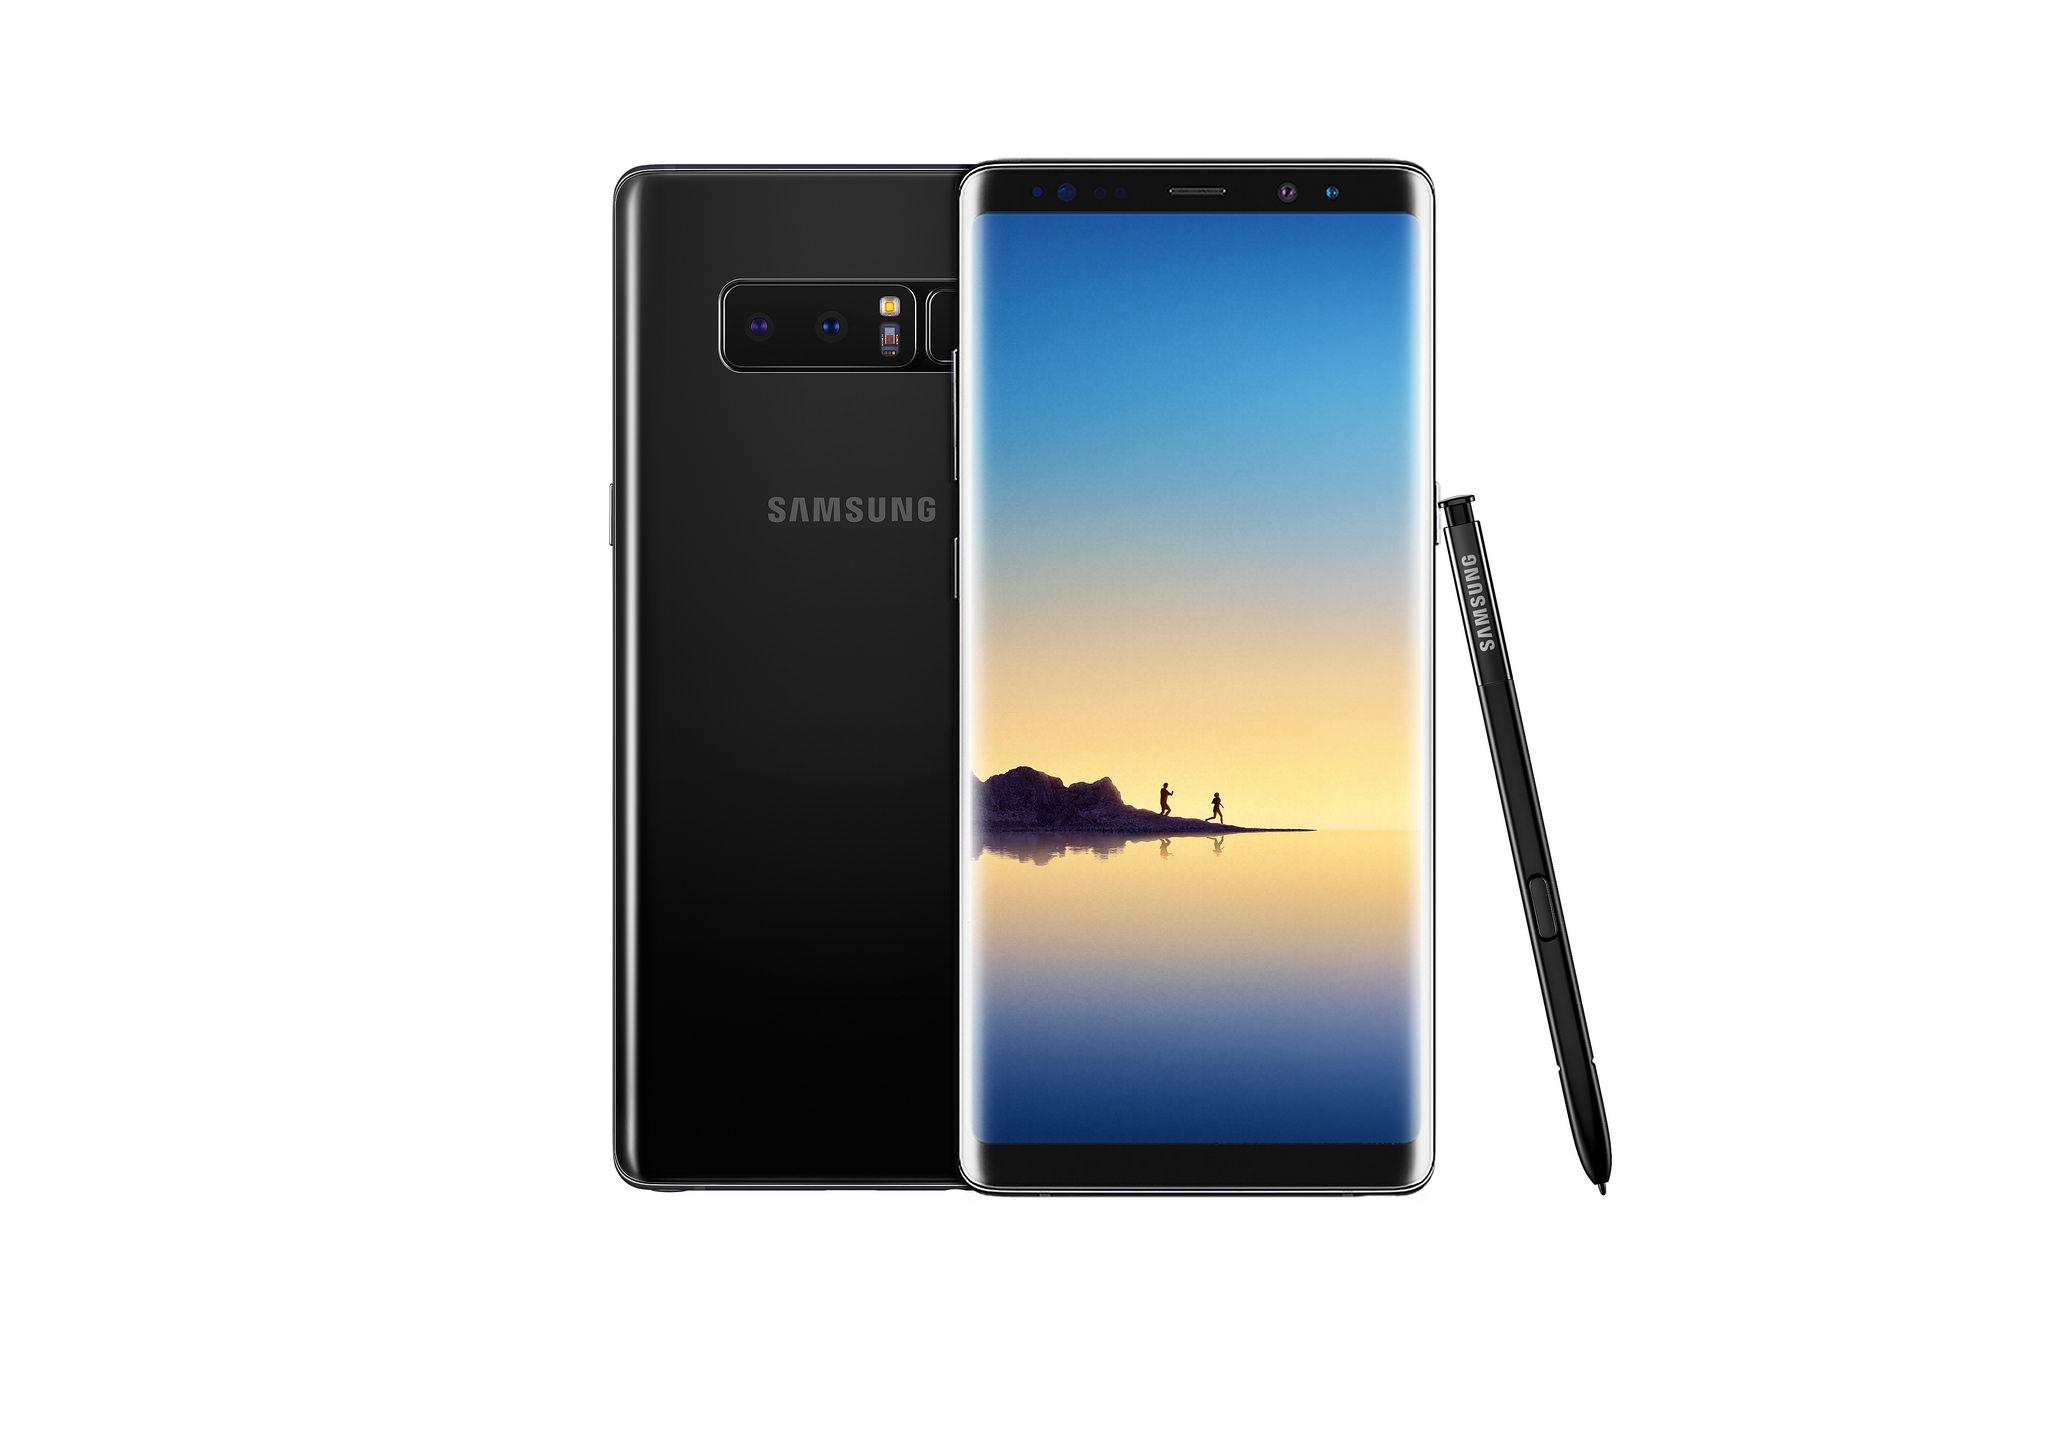 Samsung Galaxy Note 8 : prix et disponibilité, avec une exclusivité Orange